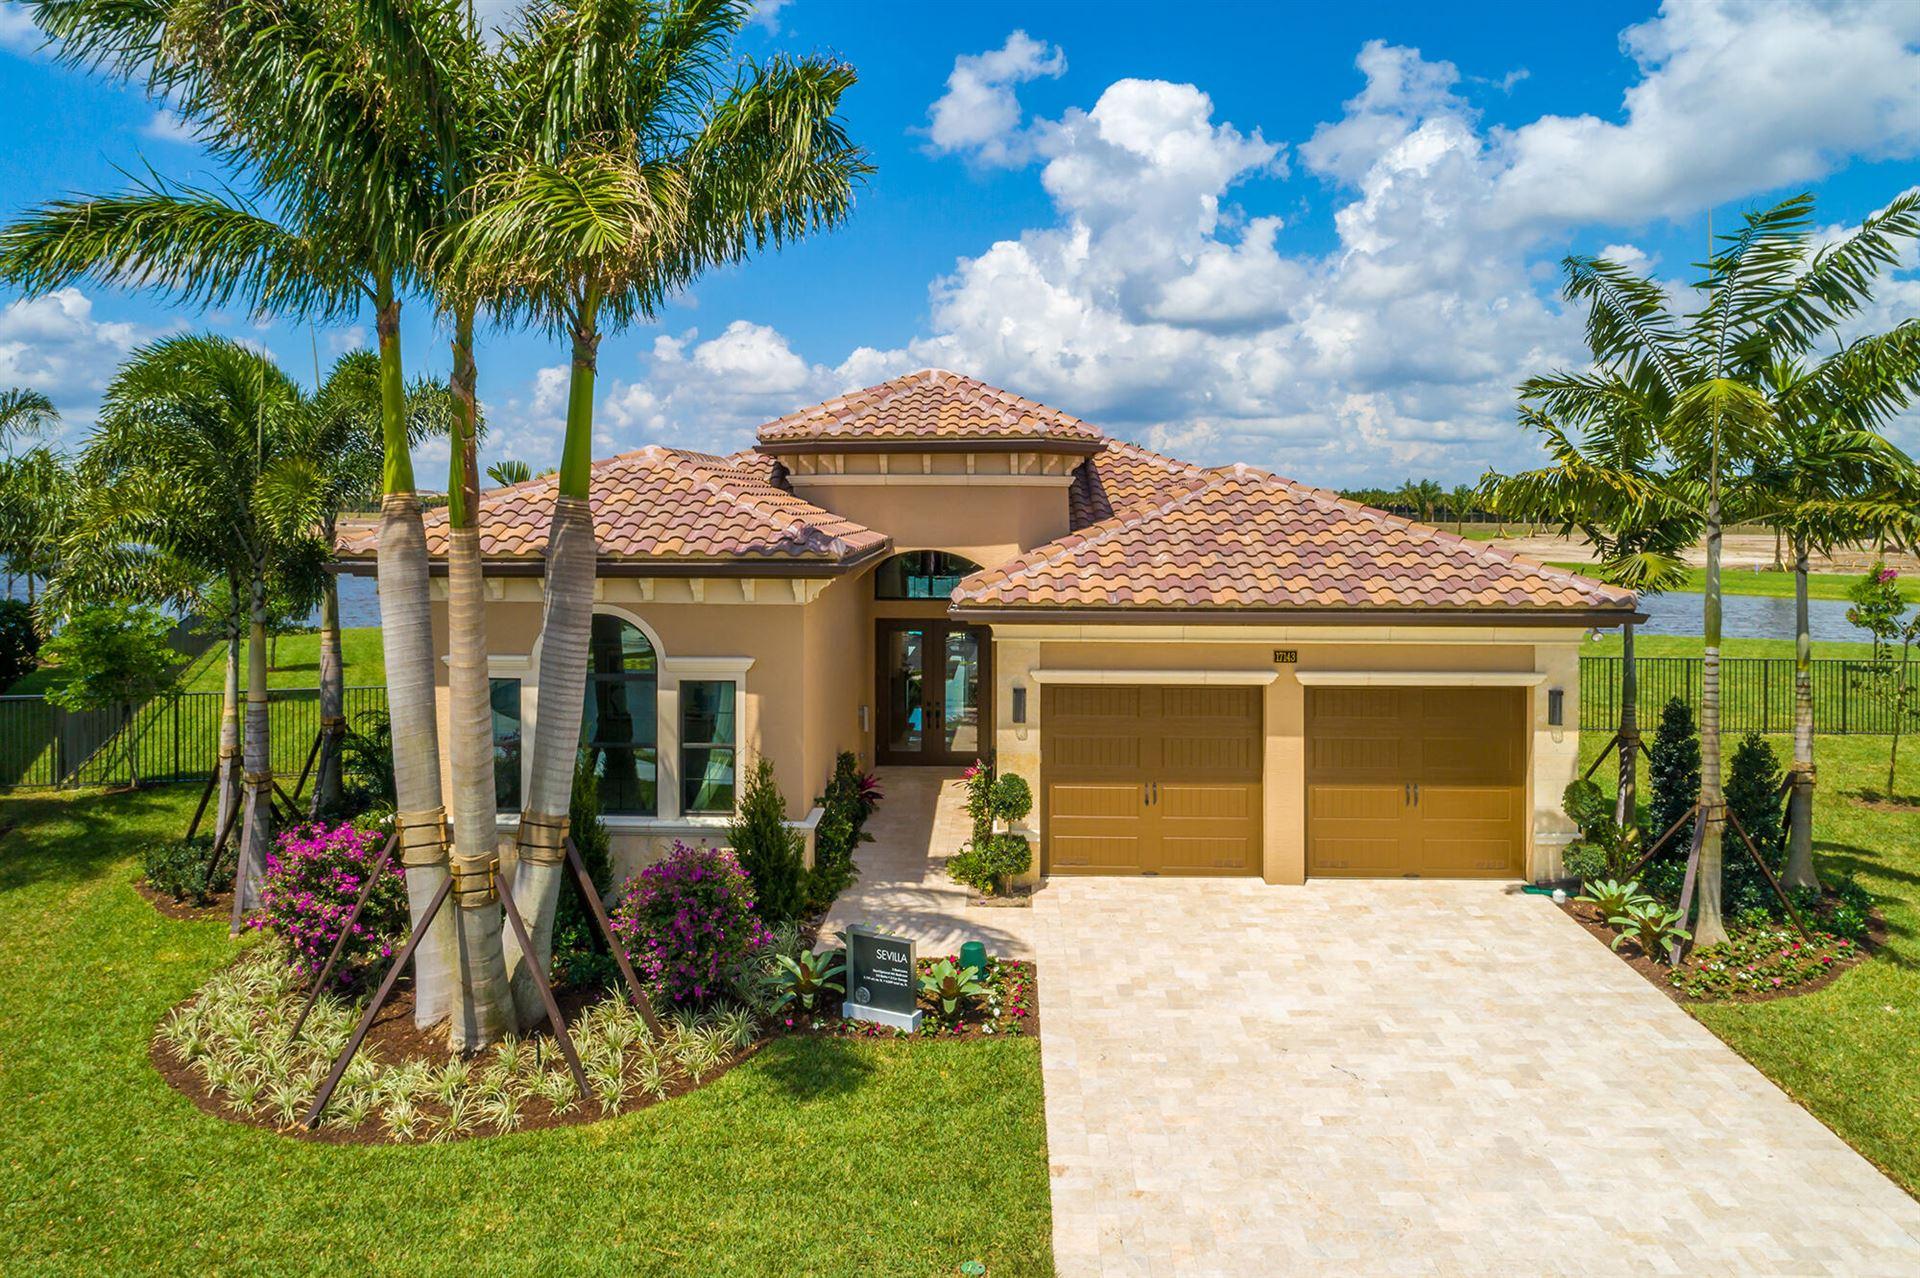 17143 Ludovica Lane, Boca Raton, FL 33496 - MLS#: RX-10744266